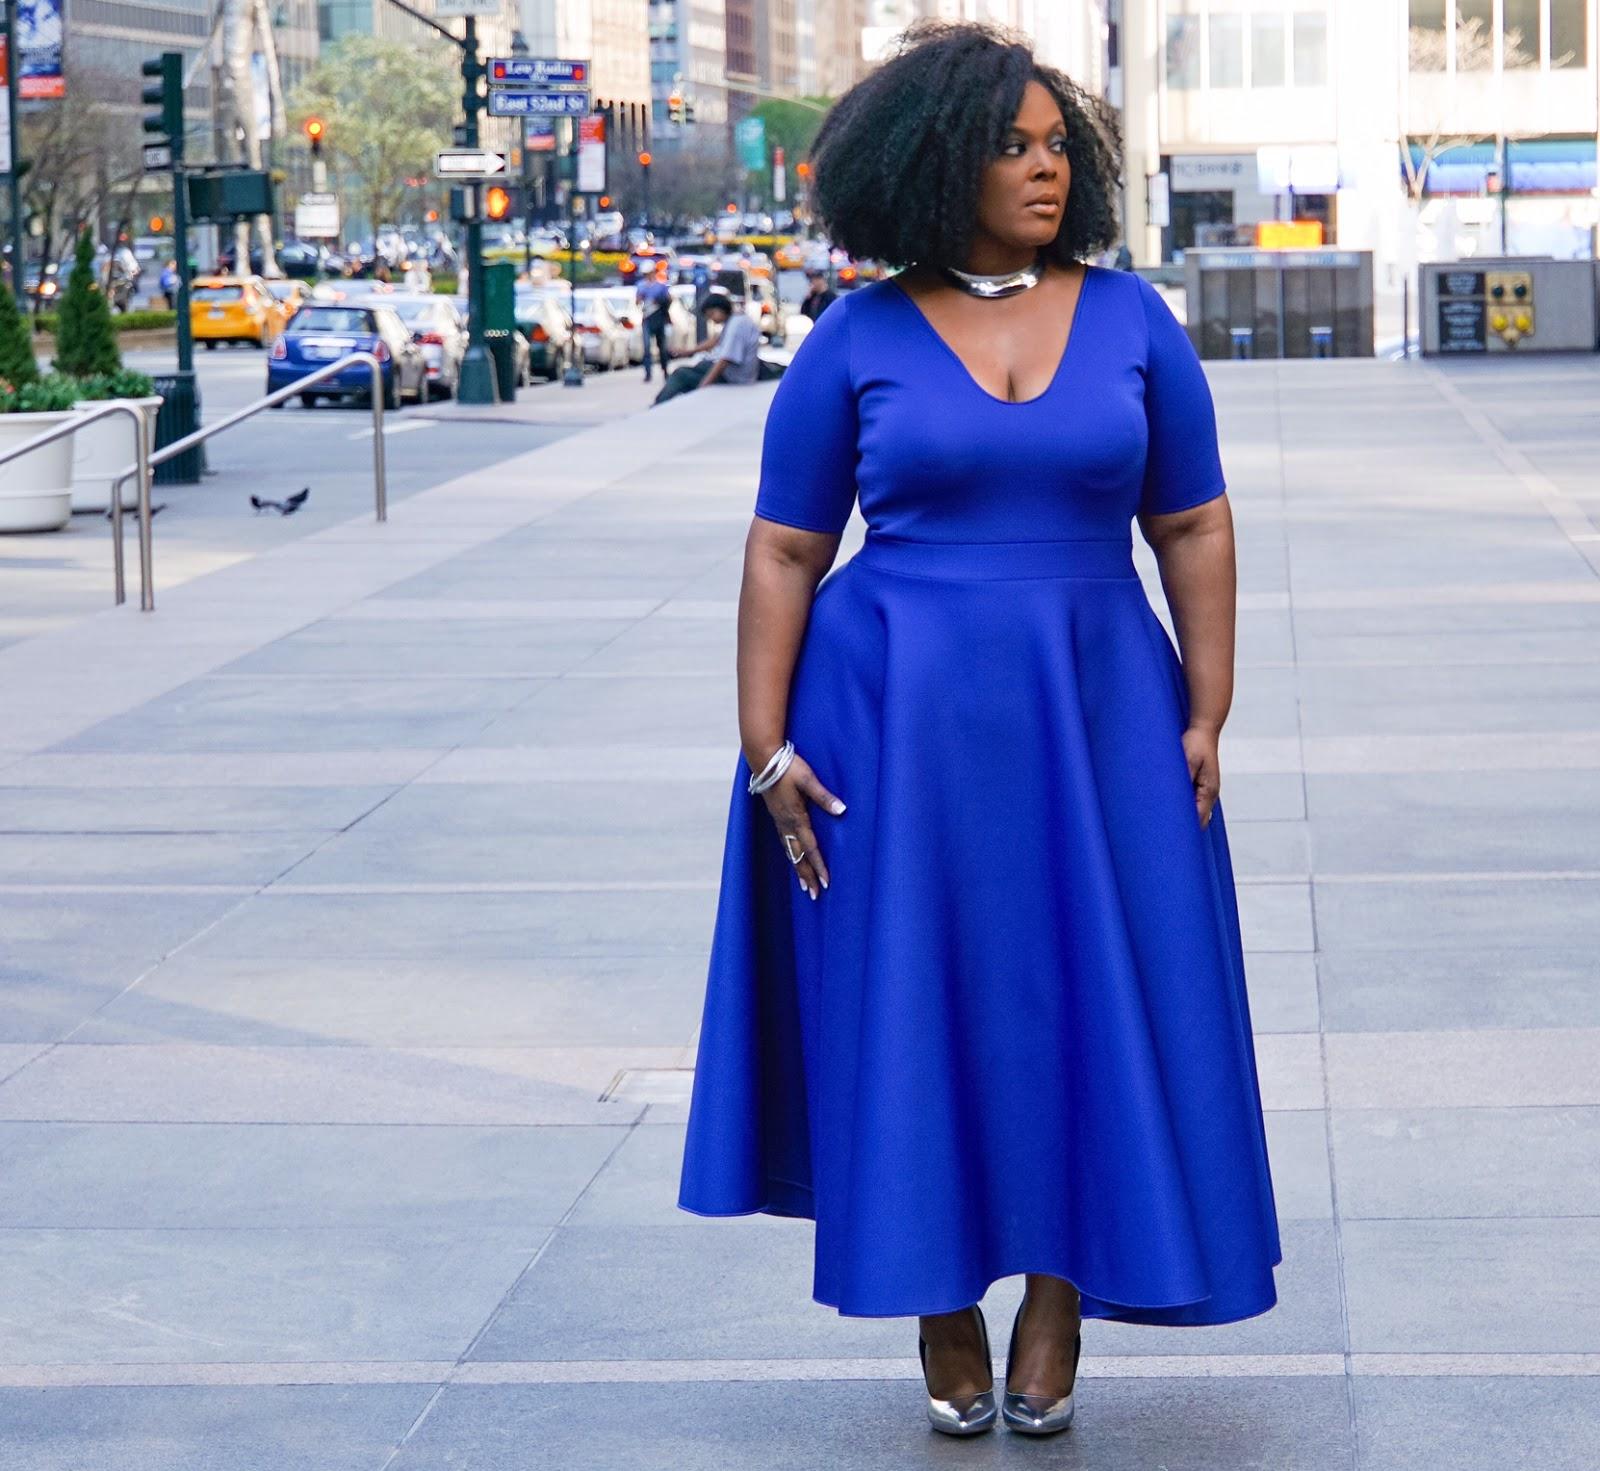 courtney noelle dress, courtney noelle blue dress, khloe dress courtney noelle, blue plus size dress